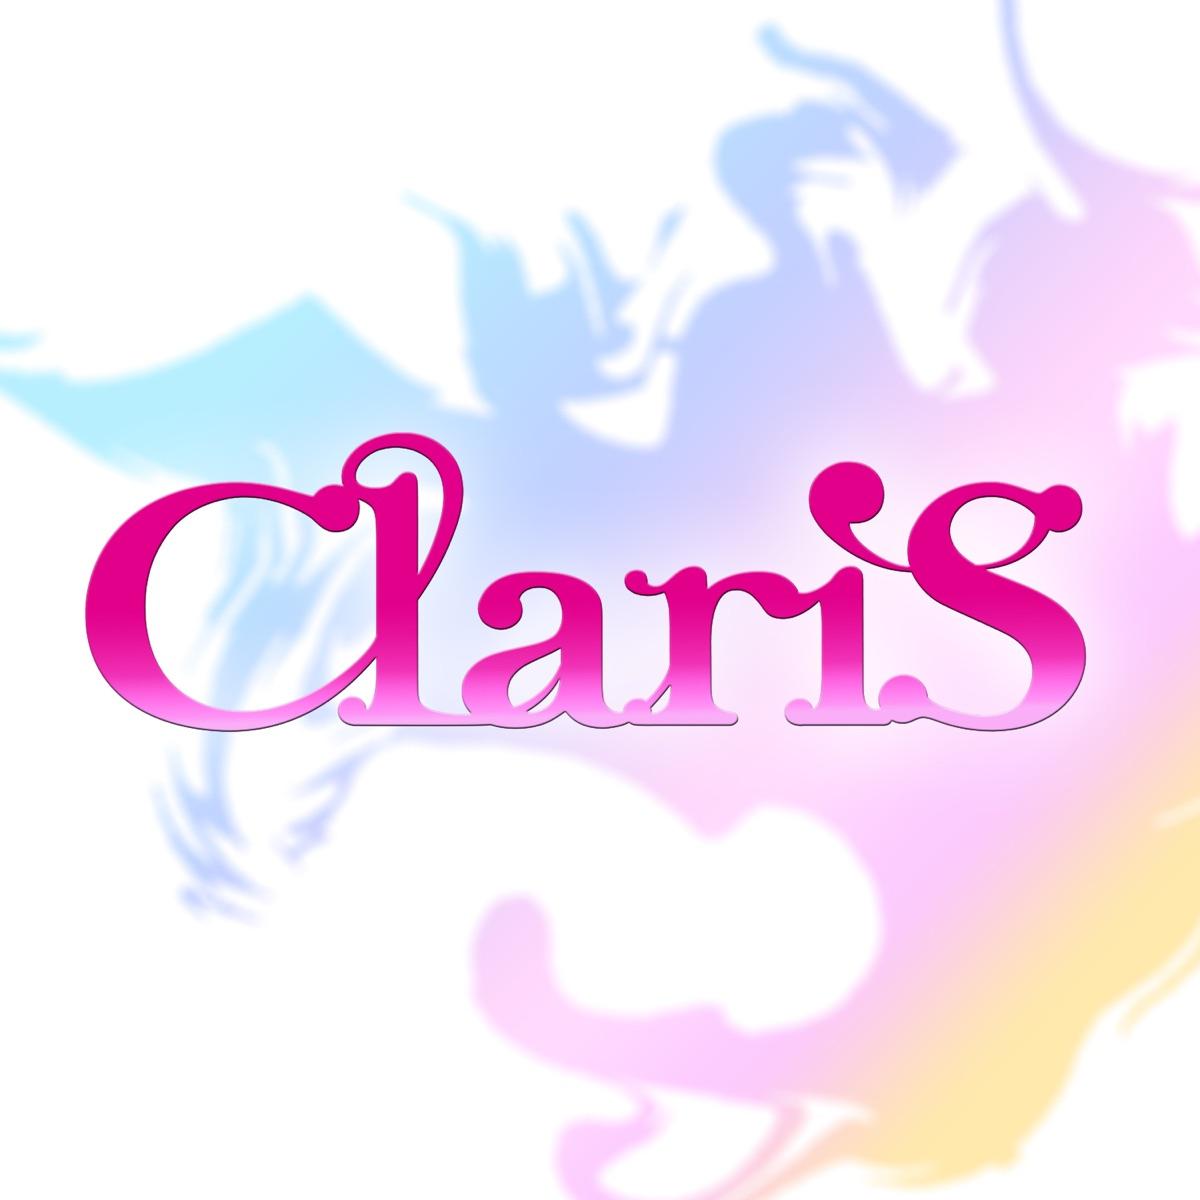 『ClariS - シグナル』収録の『シグナル』ジャケット